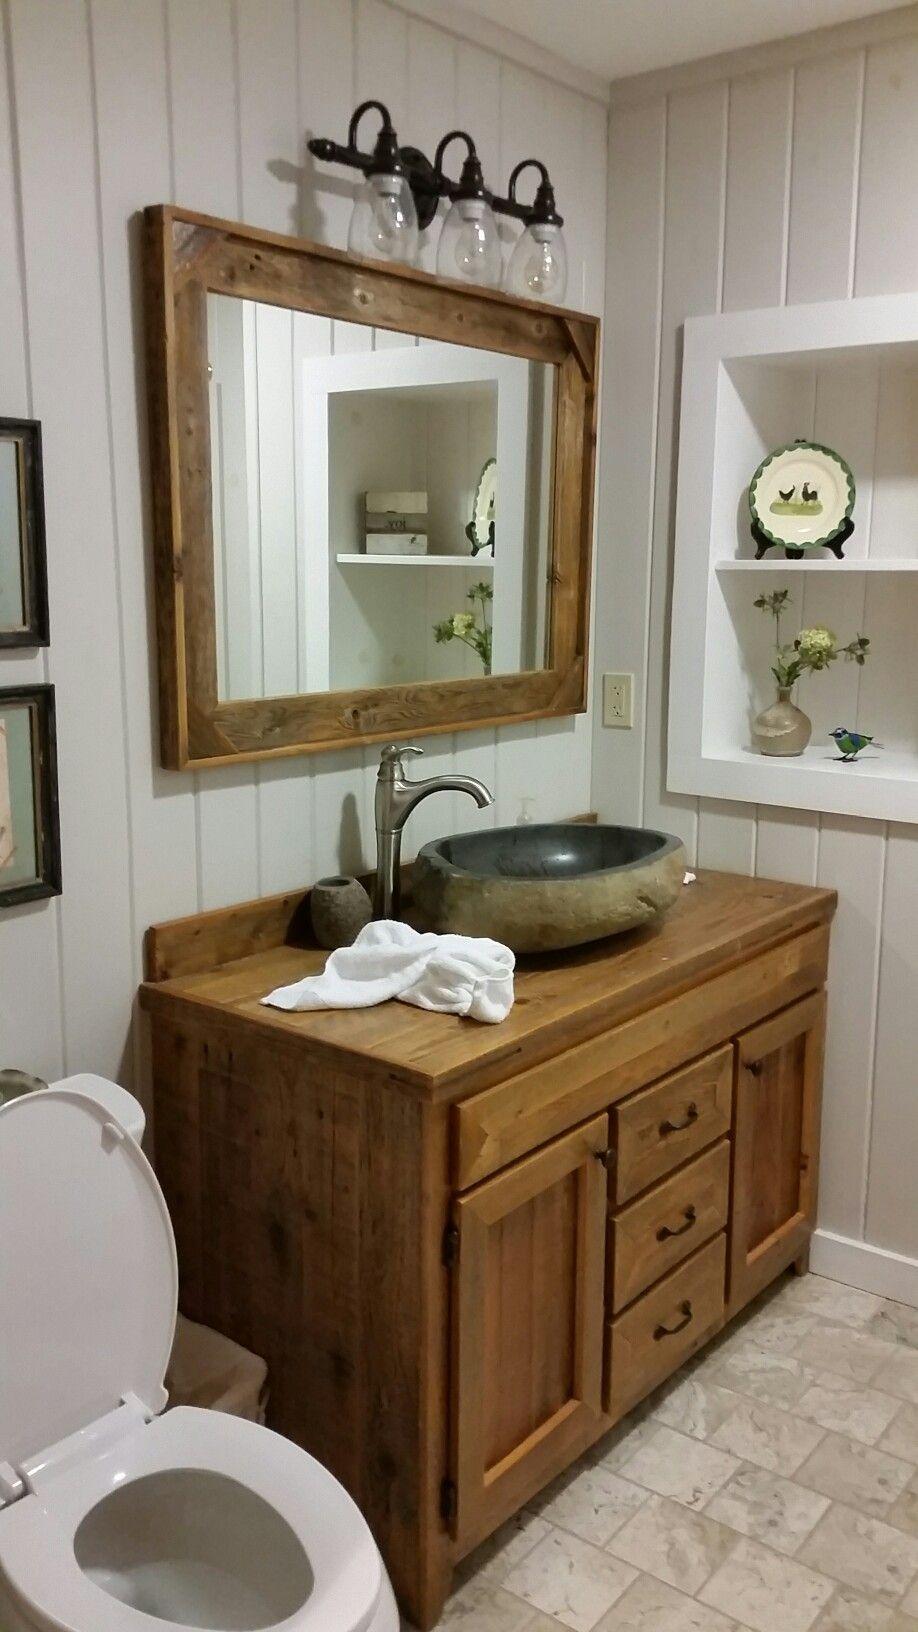 pin by amy greene on bathroom remodel diy cabin rustic on bathroom renovation ideas diy id=74699